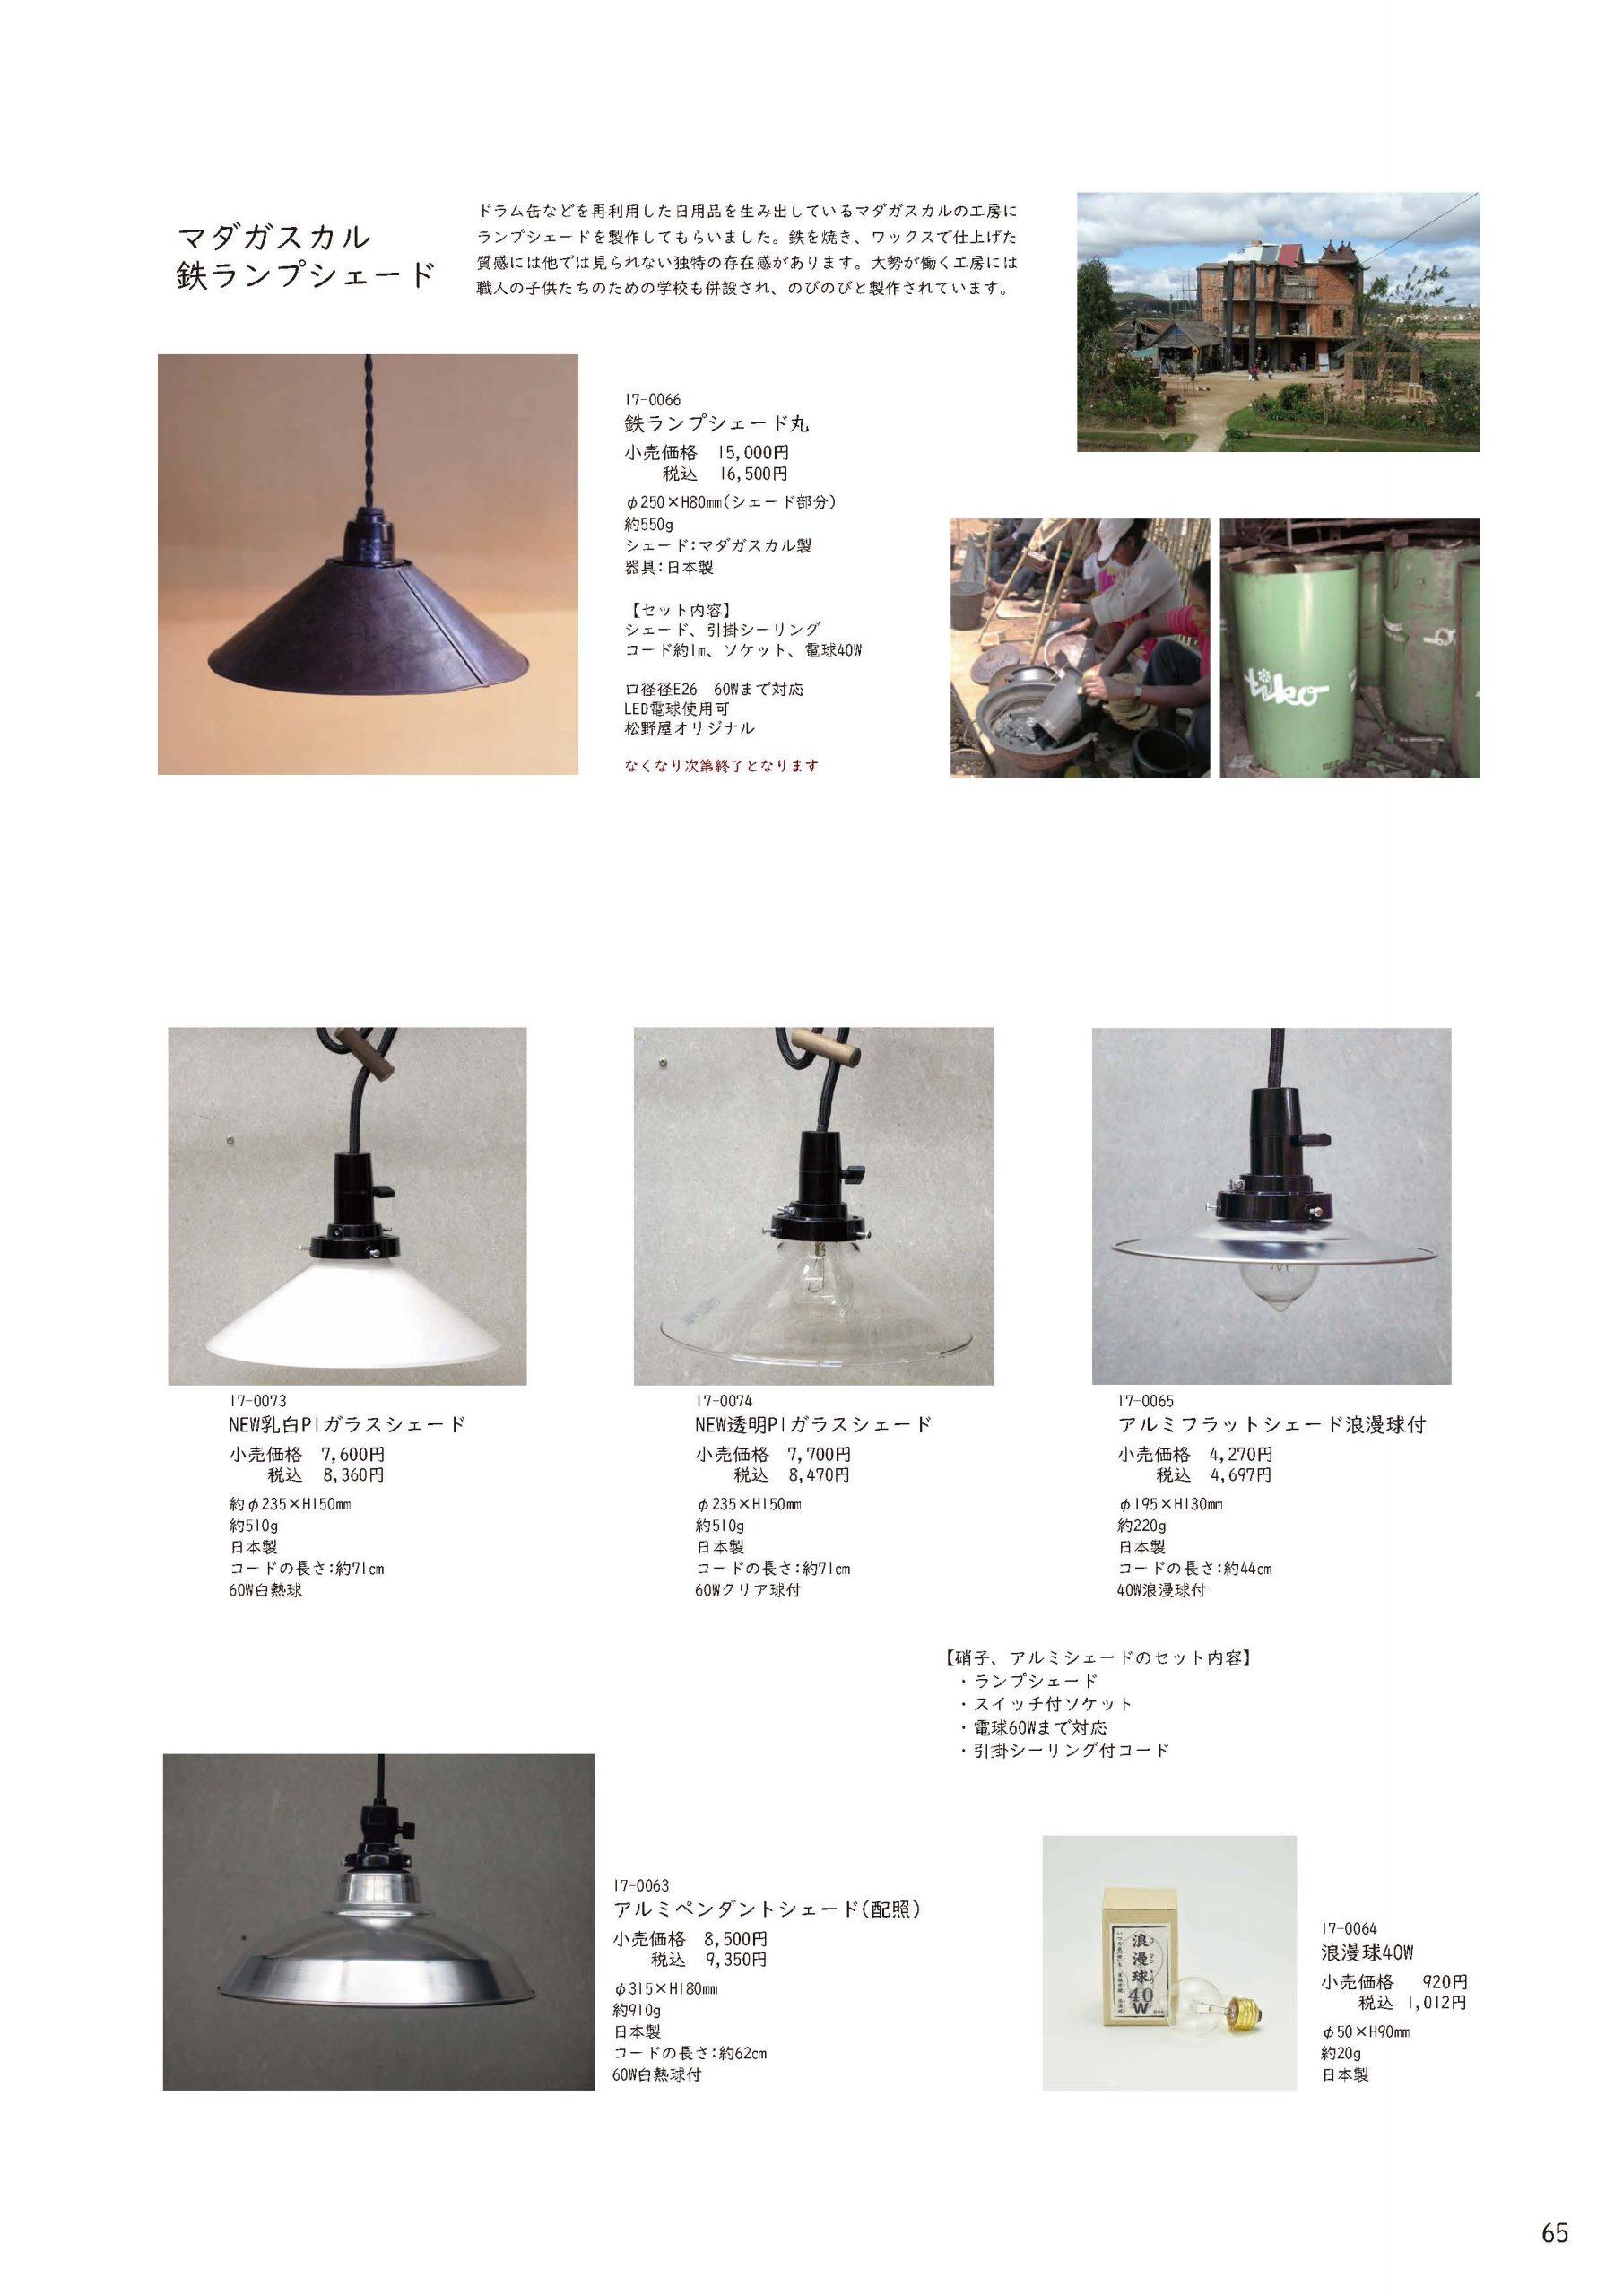 鉄ランプシェード・日本のシェード